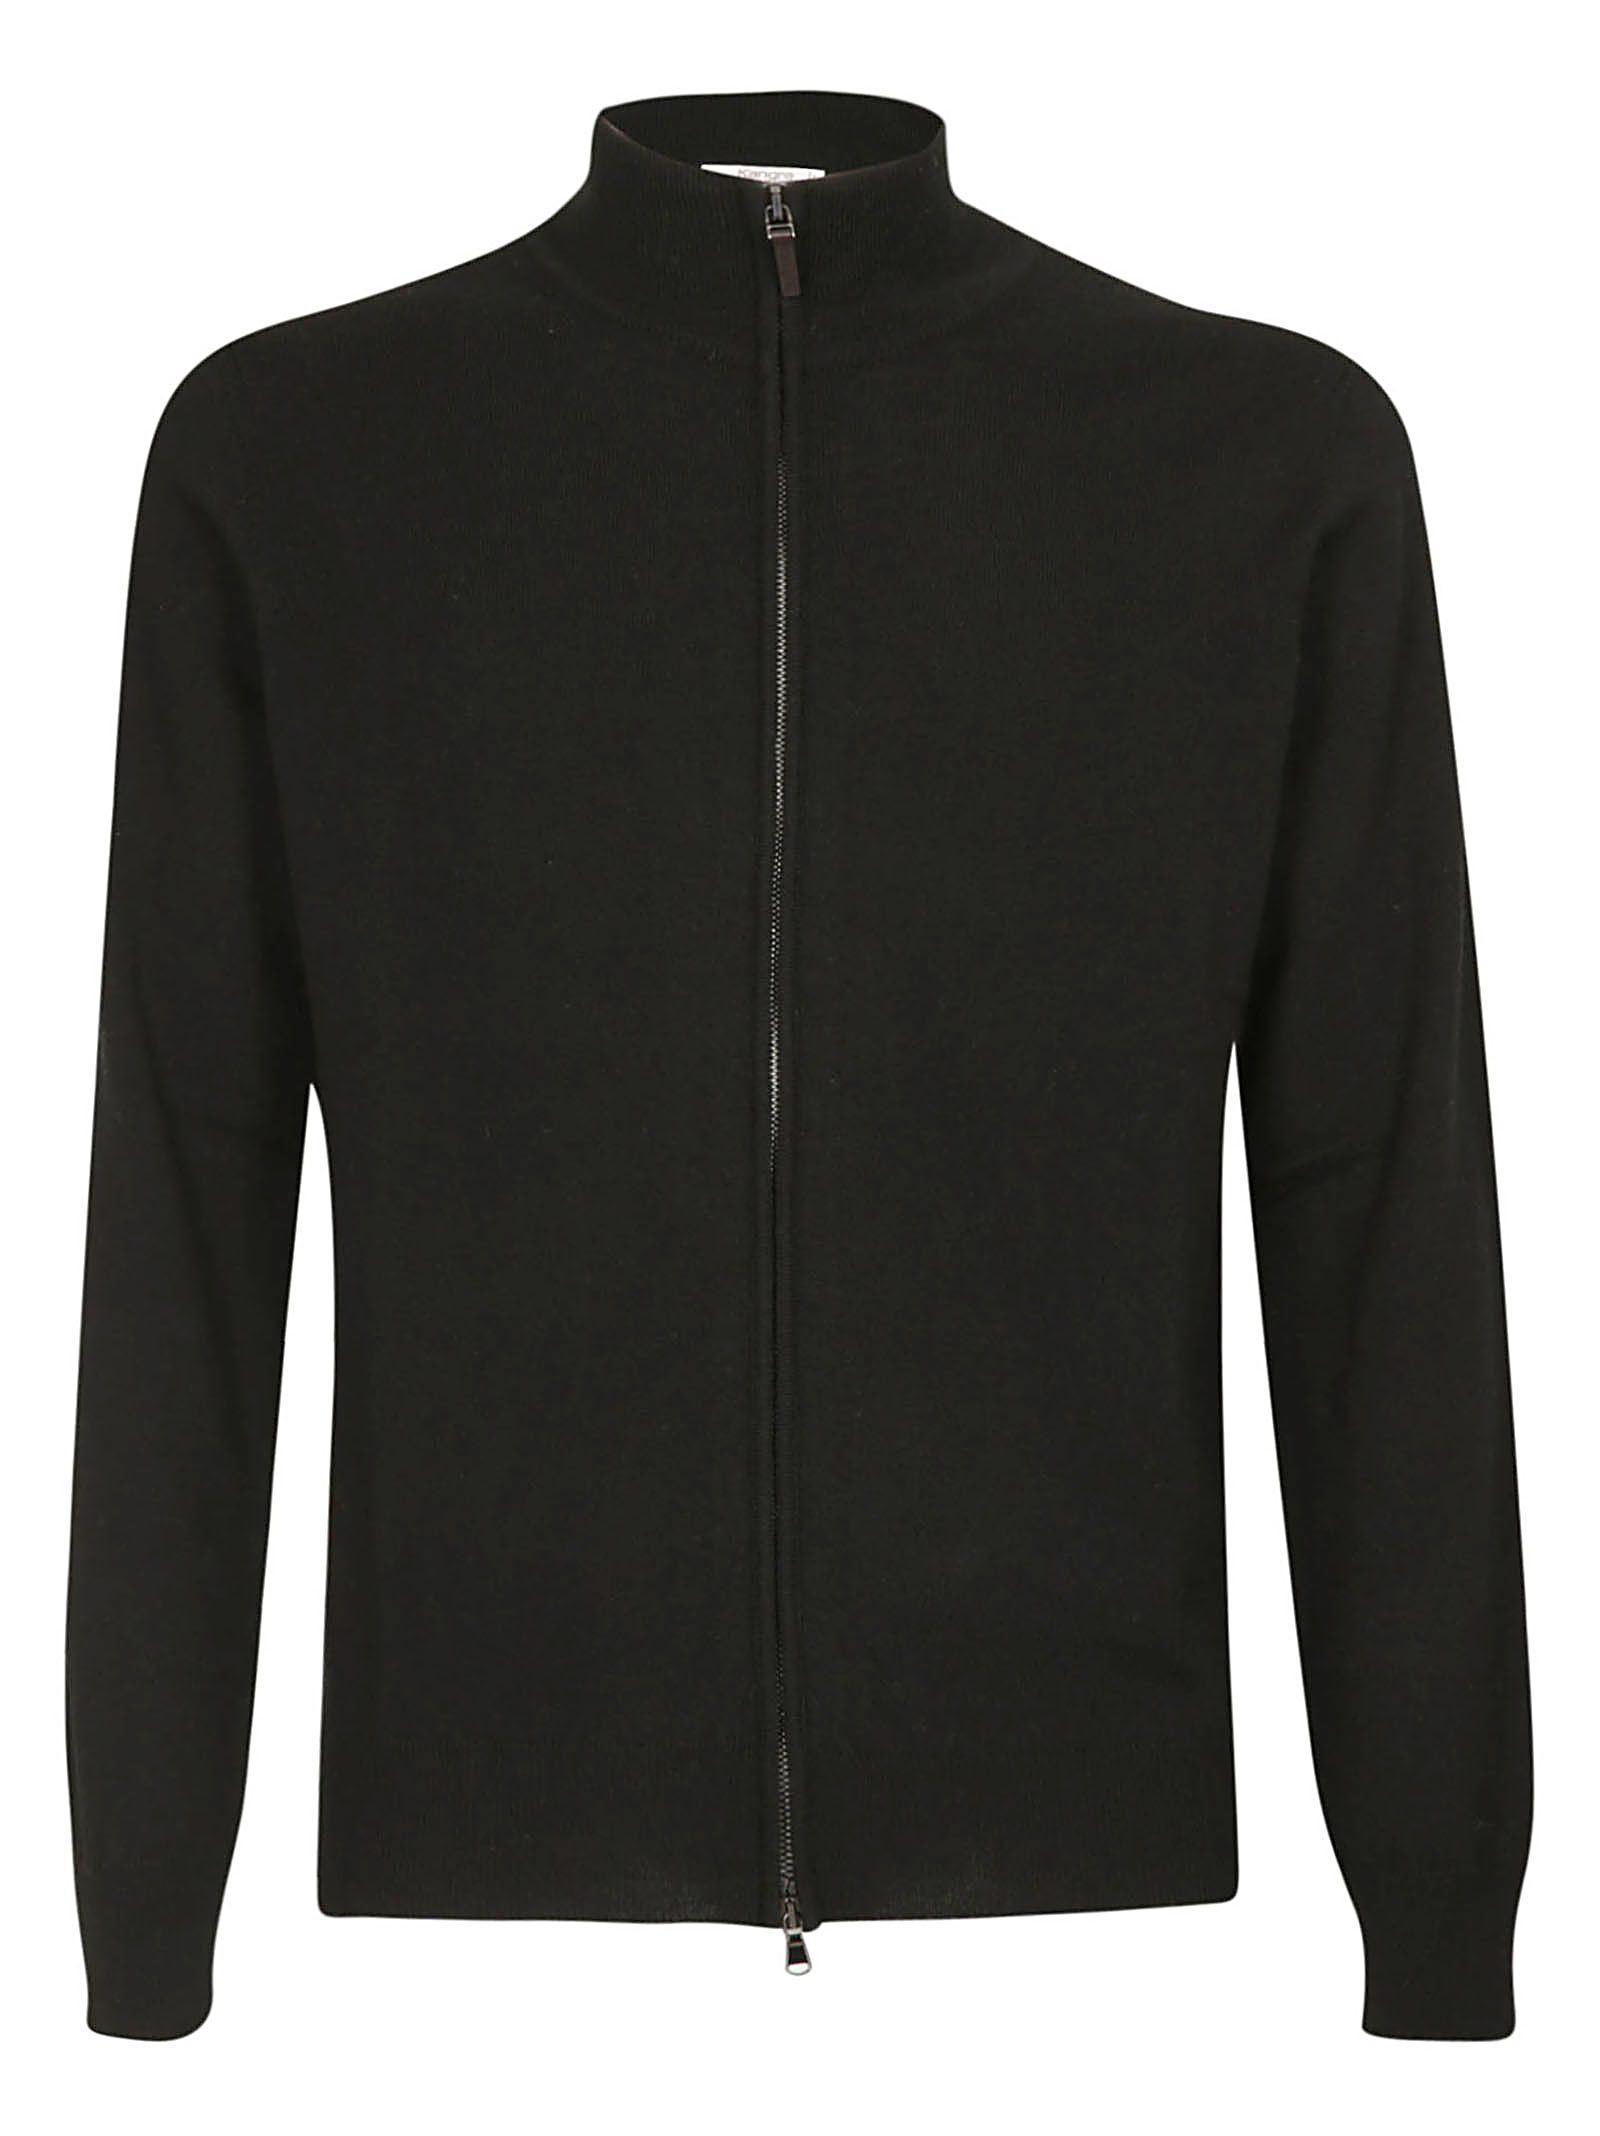 Kangra Zipped Jacket